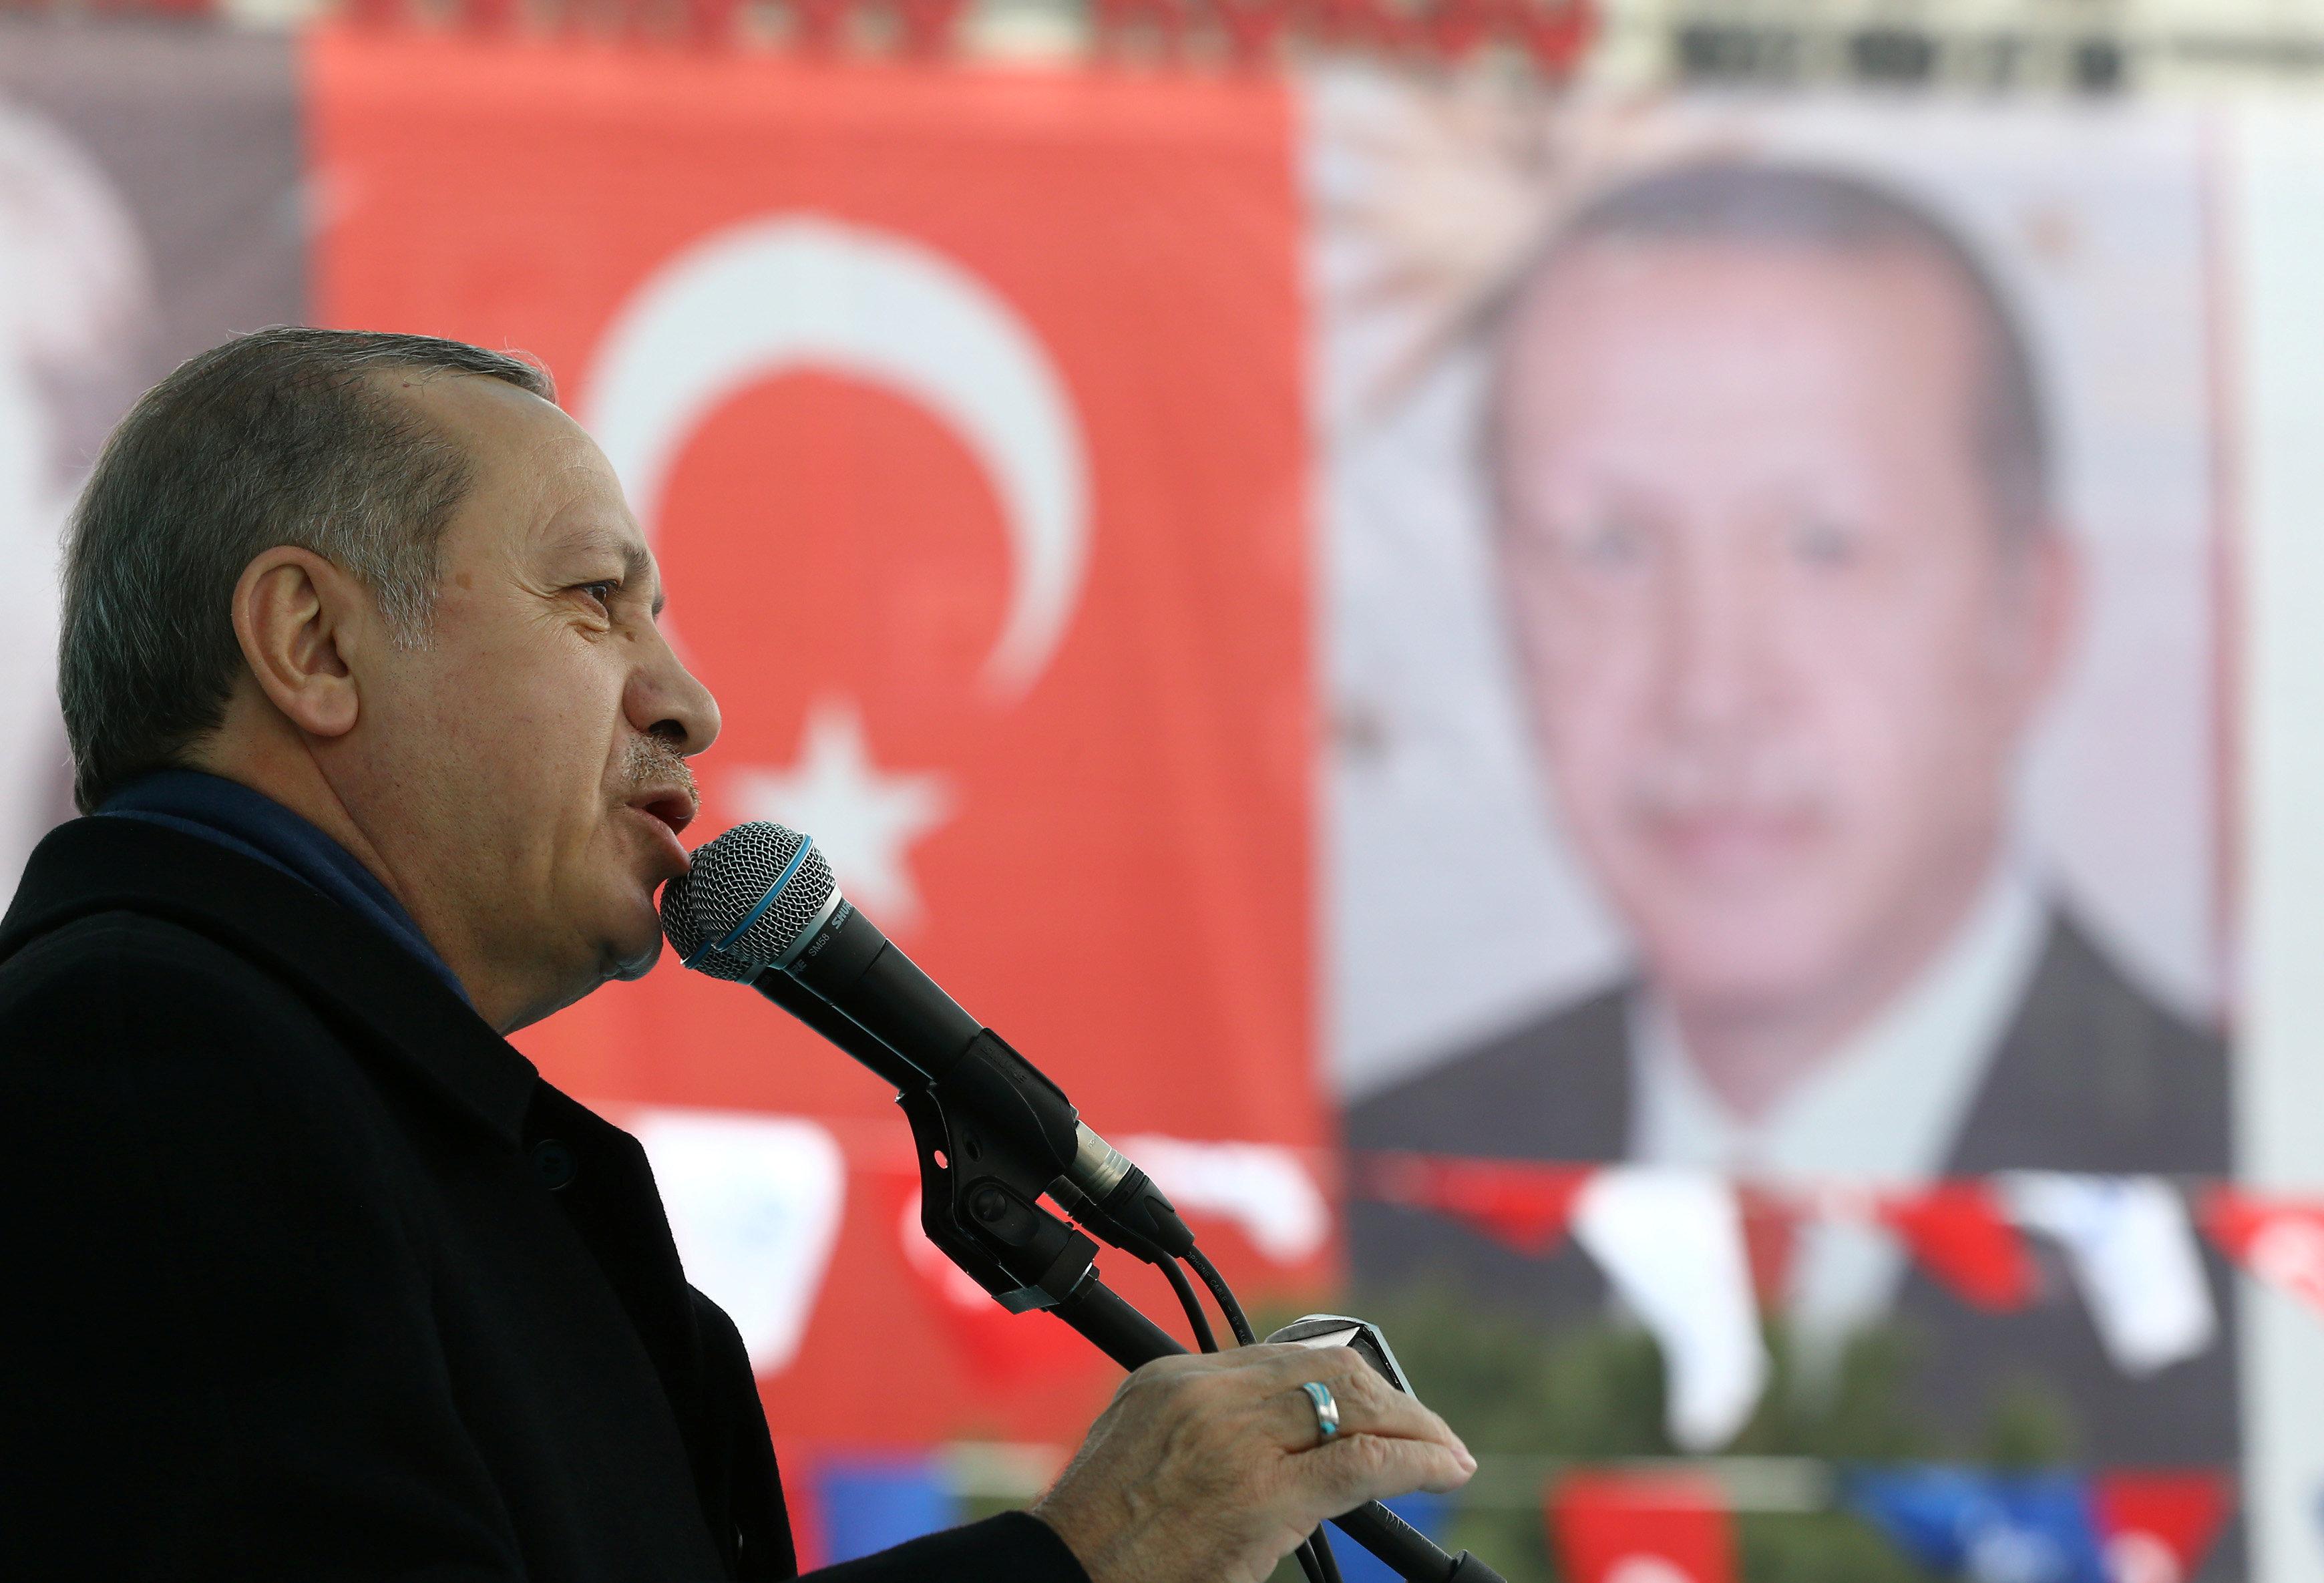 Эрдоган намерен обратиться вЕСПЧ из-за ситуации сНидерландами